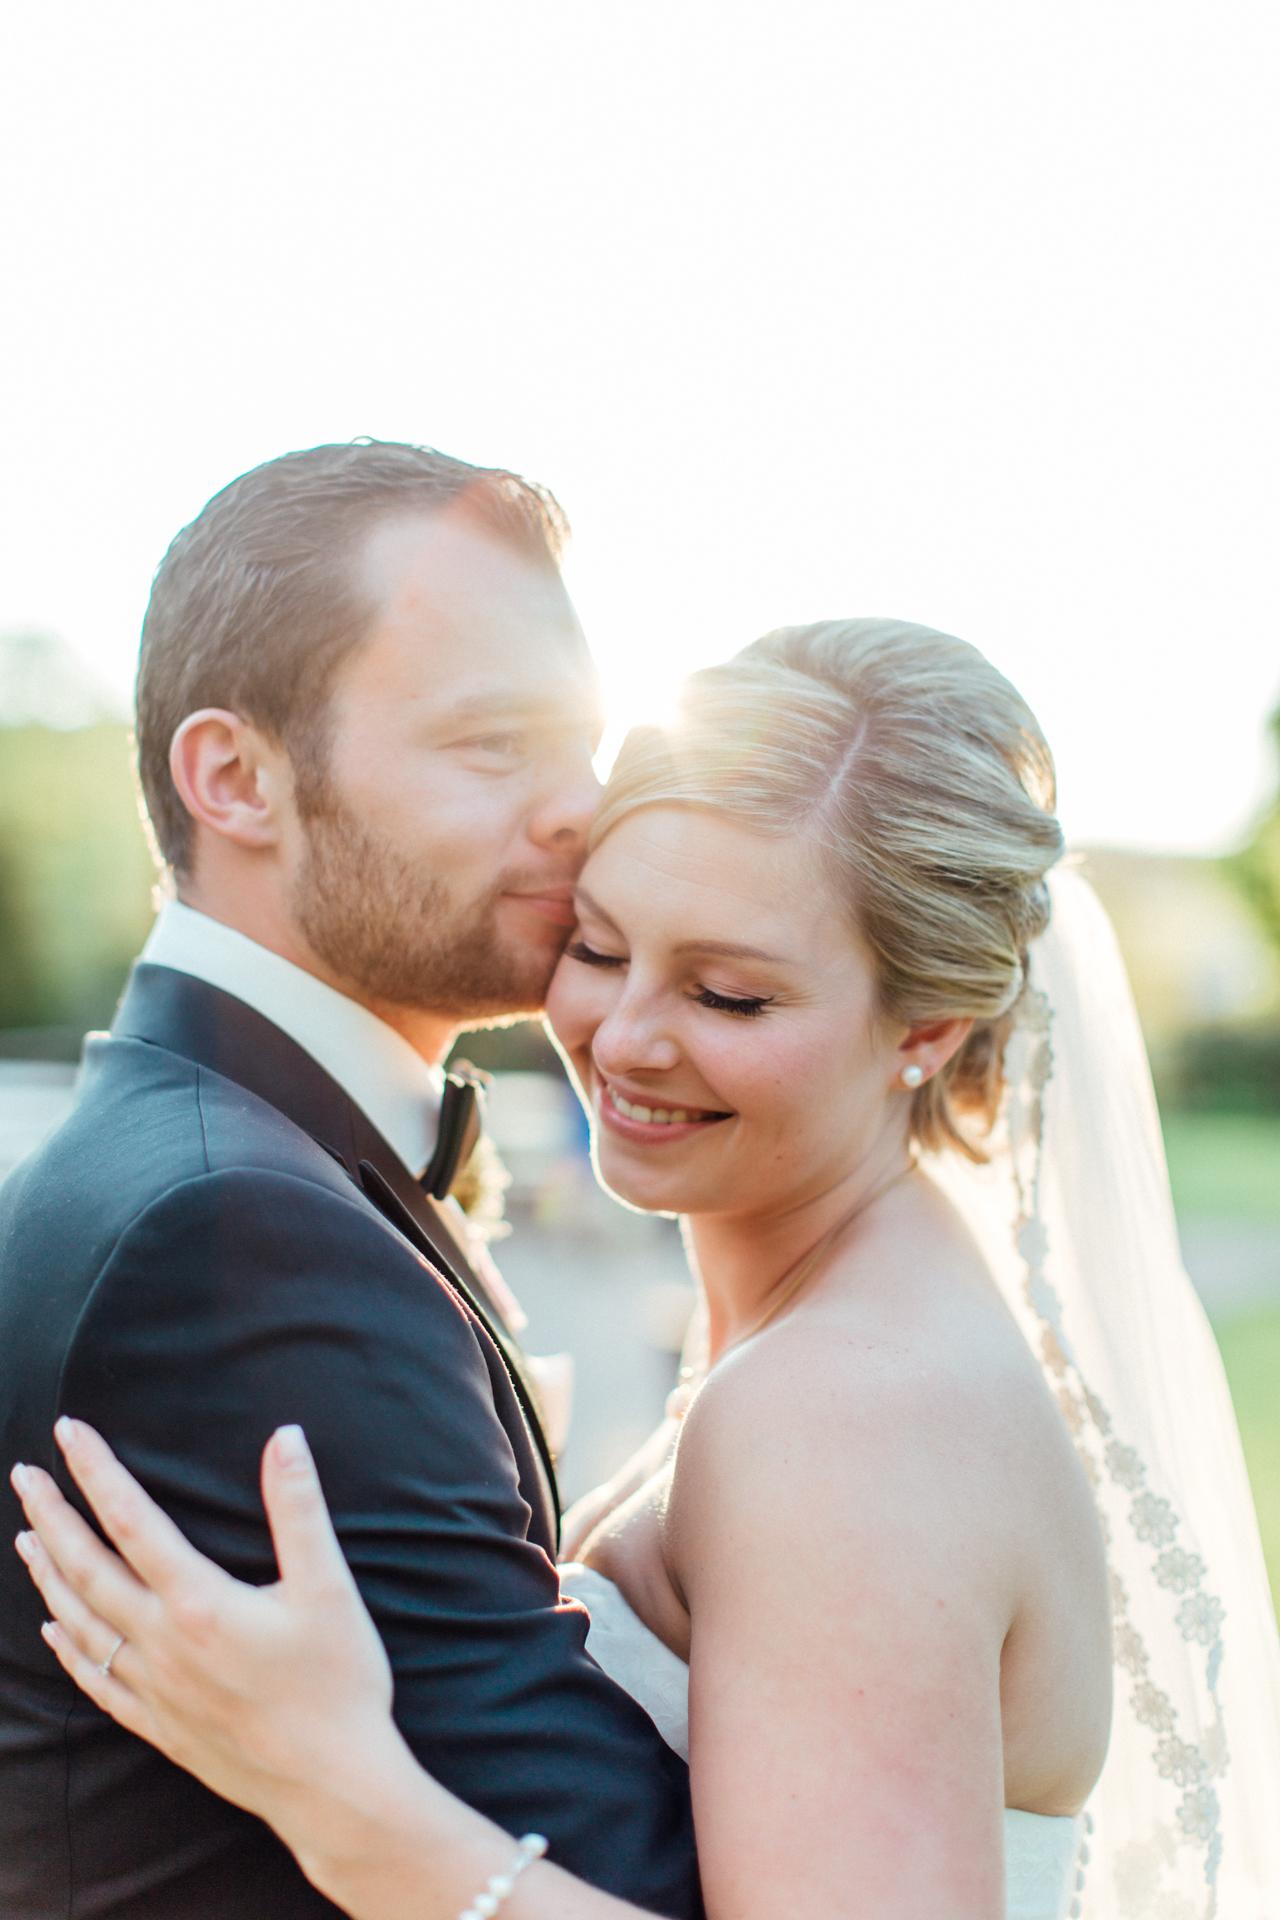 Hochzeit Eventscheune Dagobertshausen - Julia & Florian - Sandra Socha Fotografie - 98